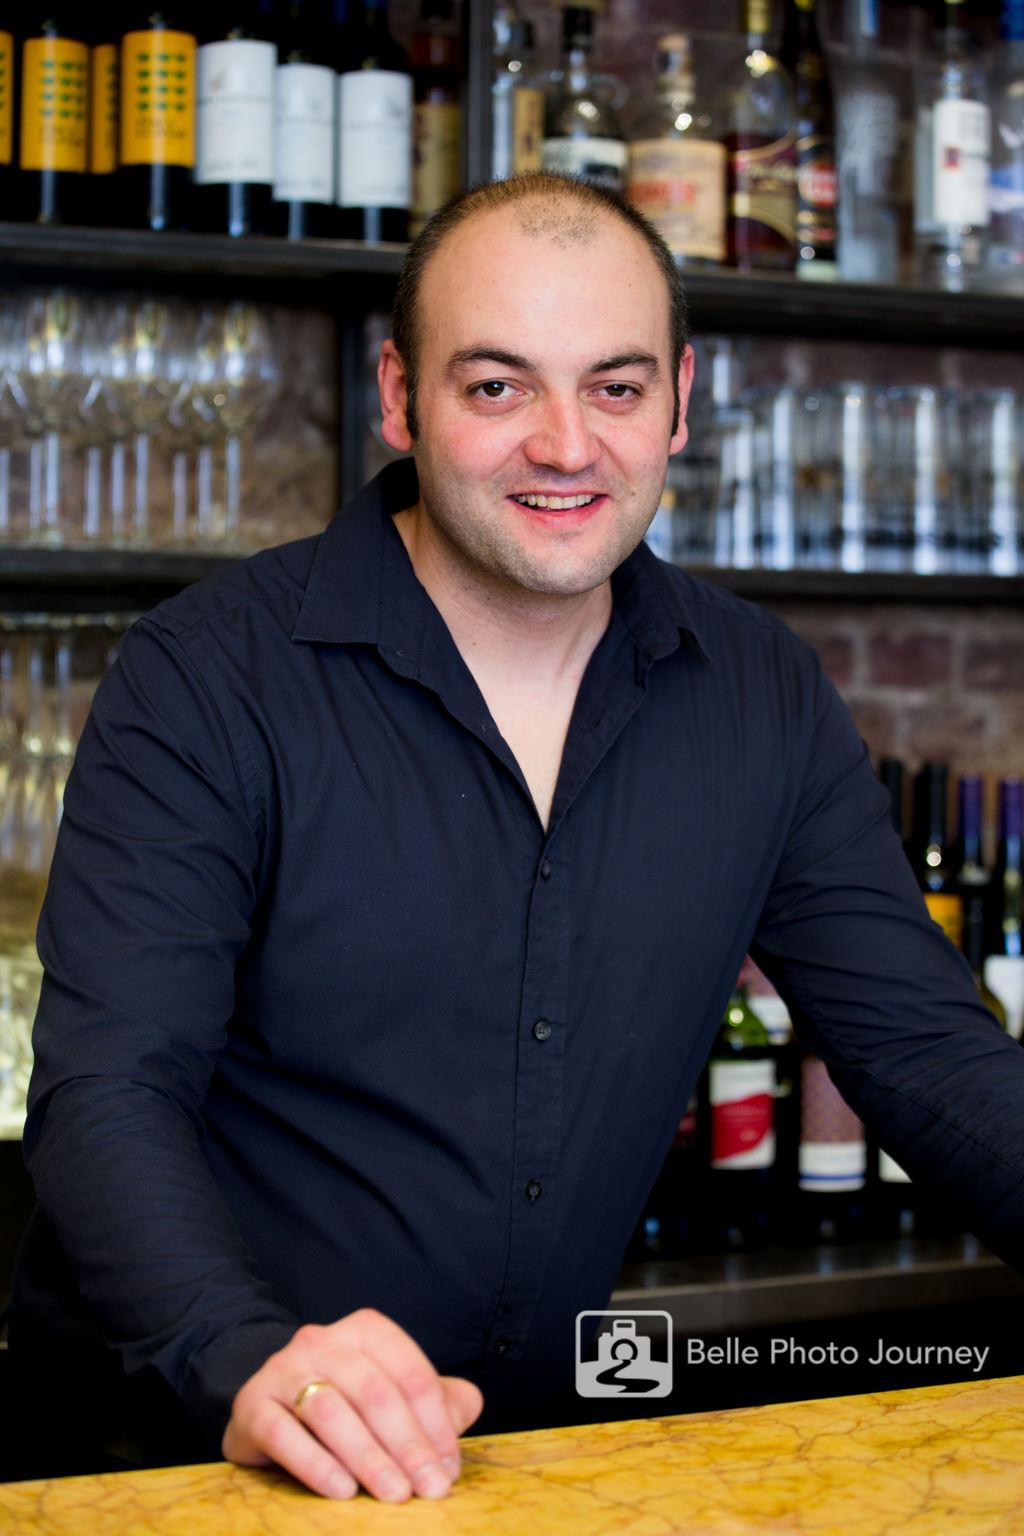 bartender at work portrait